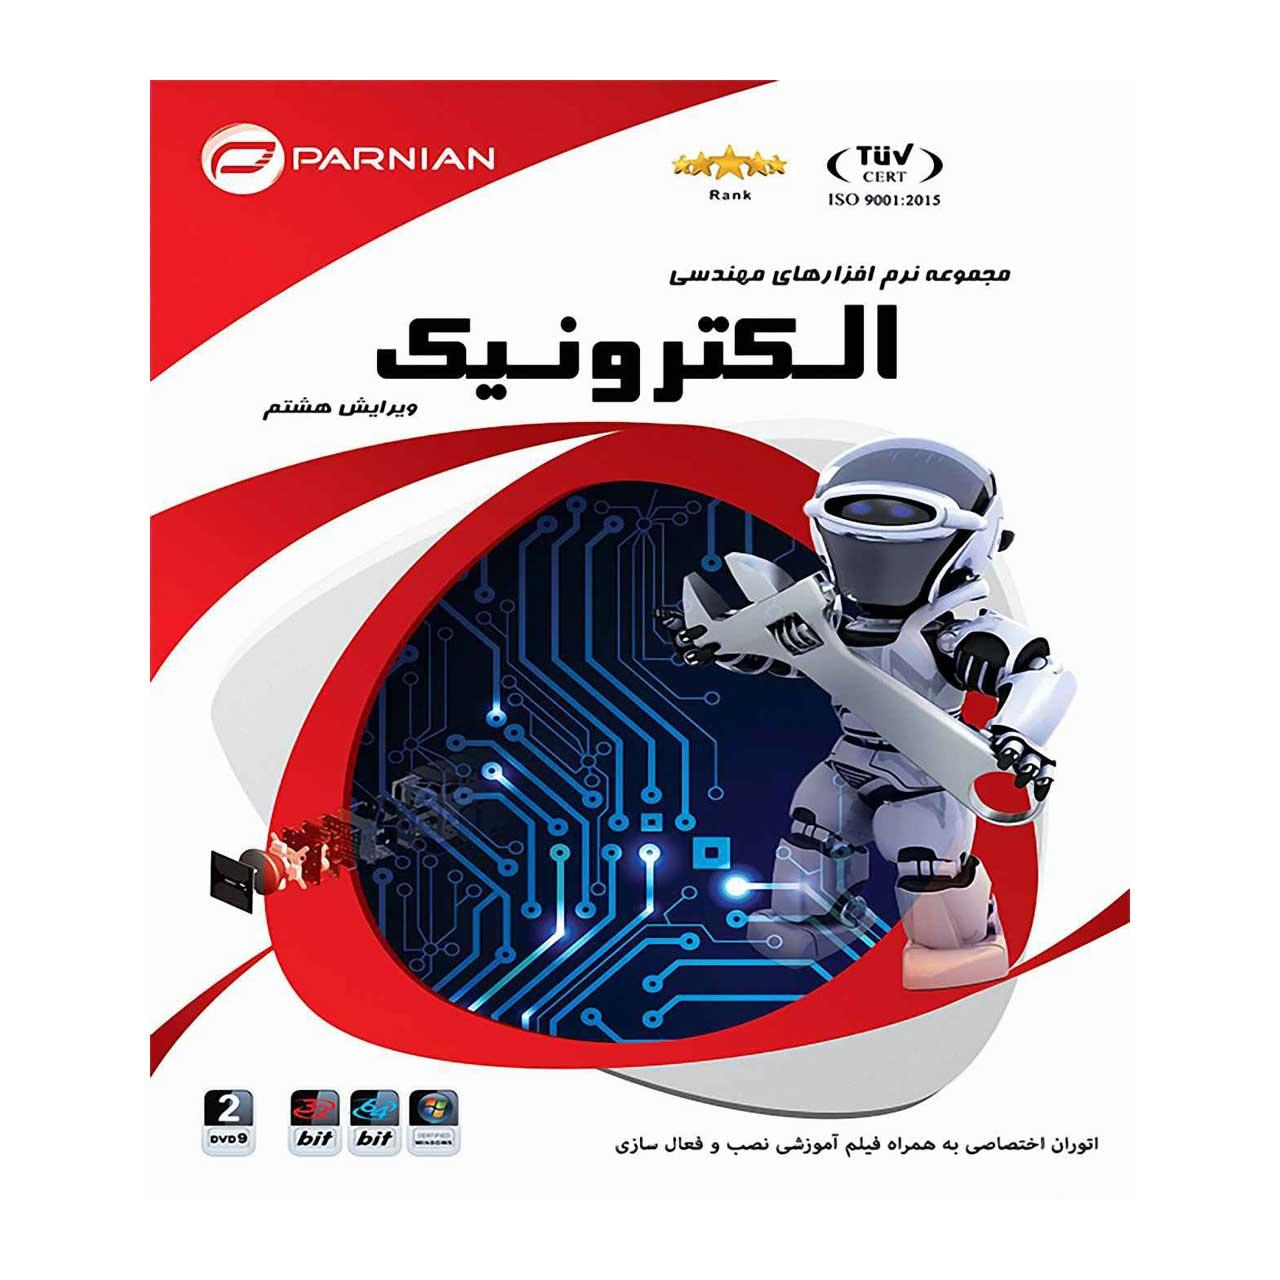 نرم افزار مهندسی Electronic